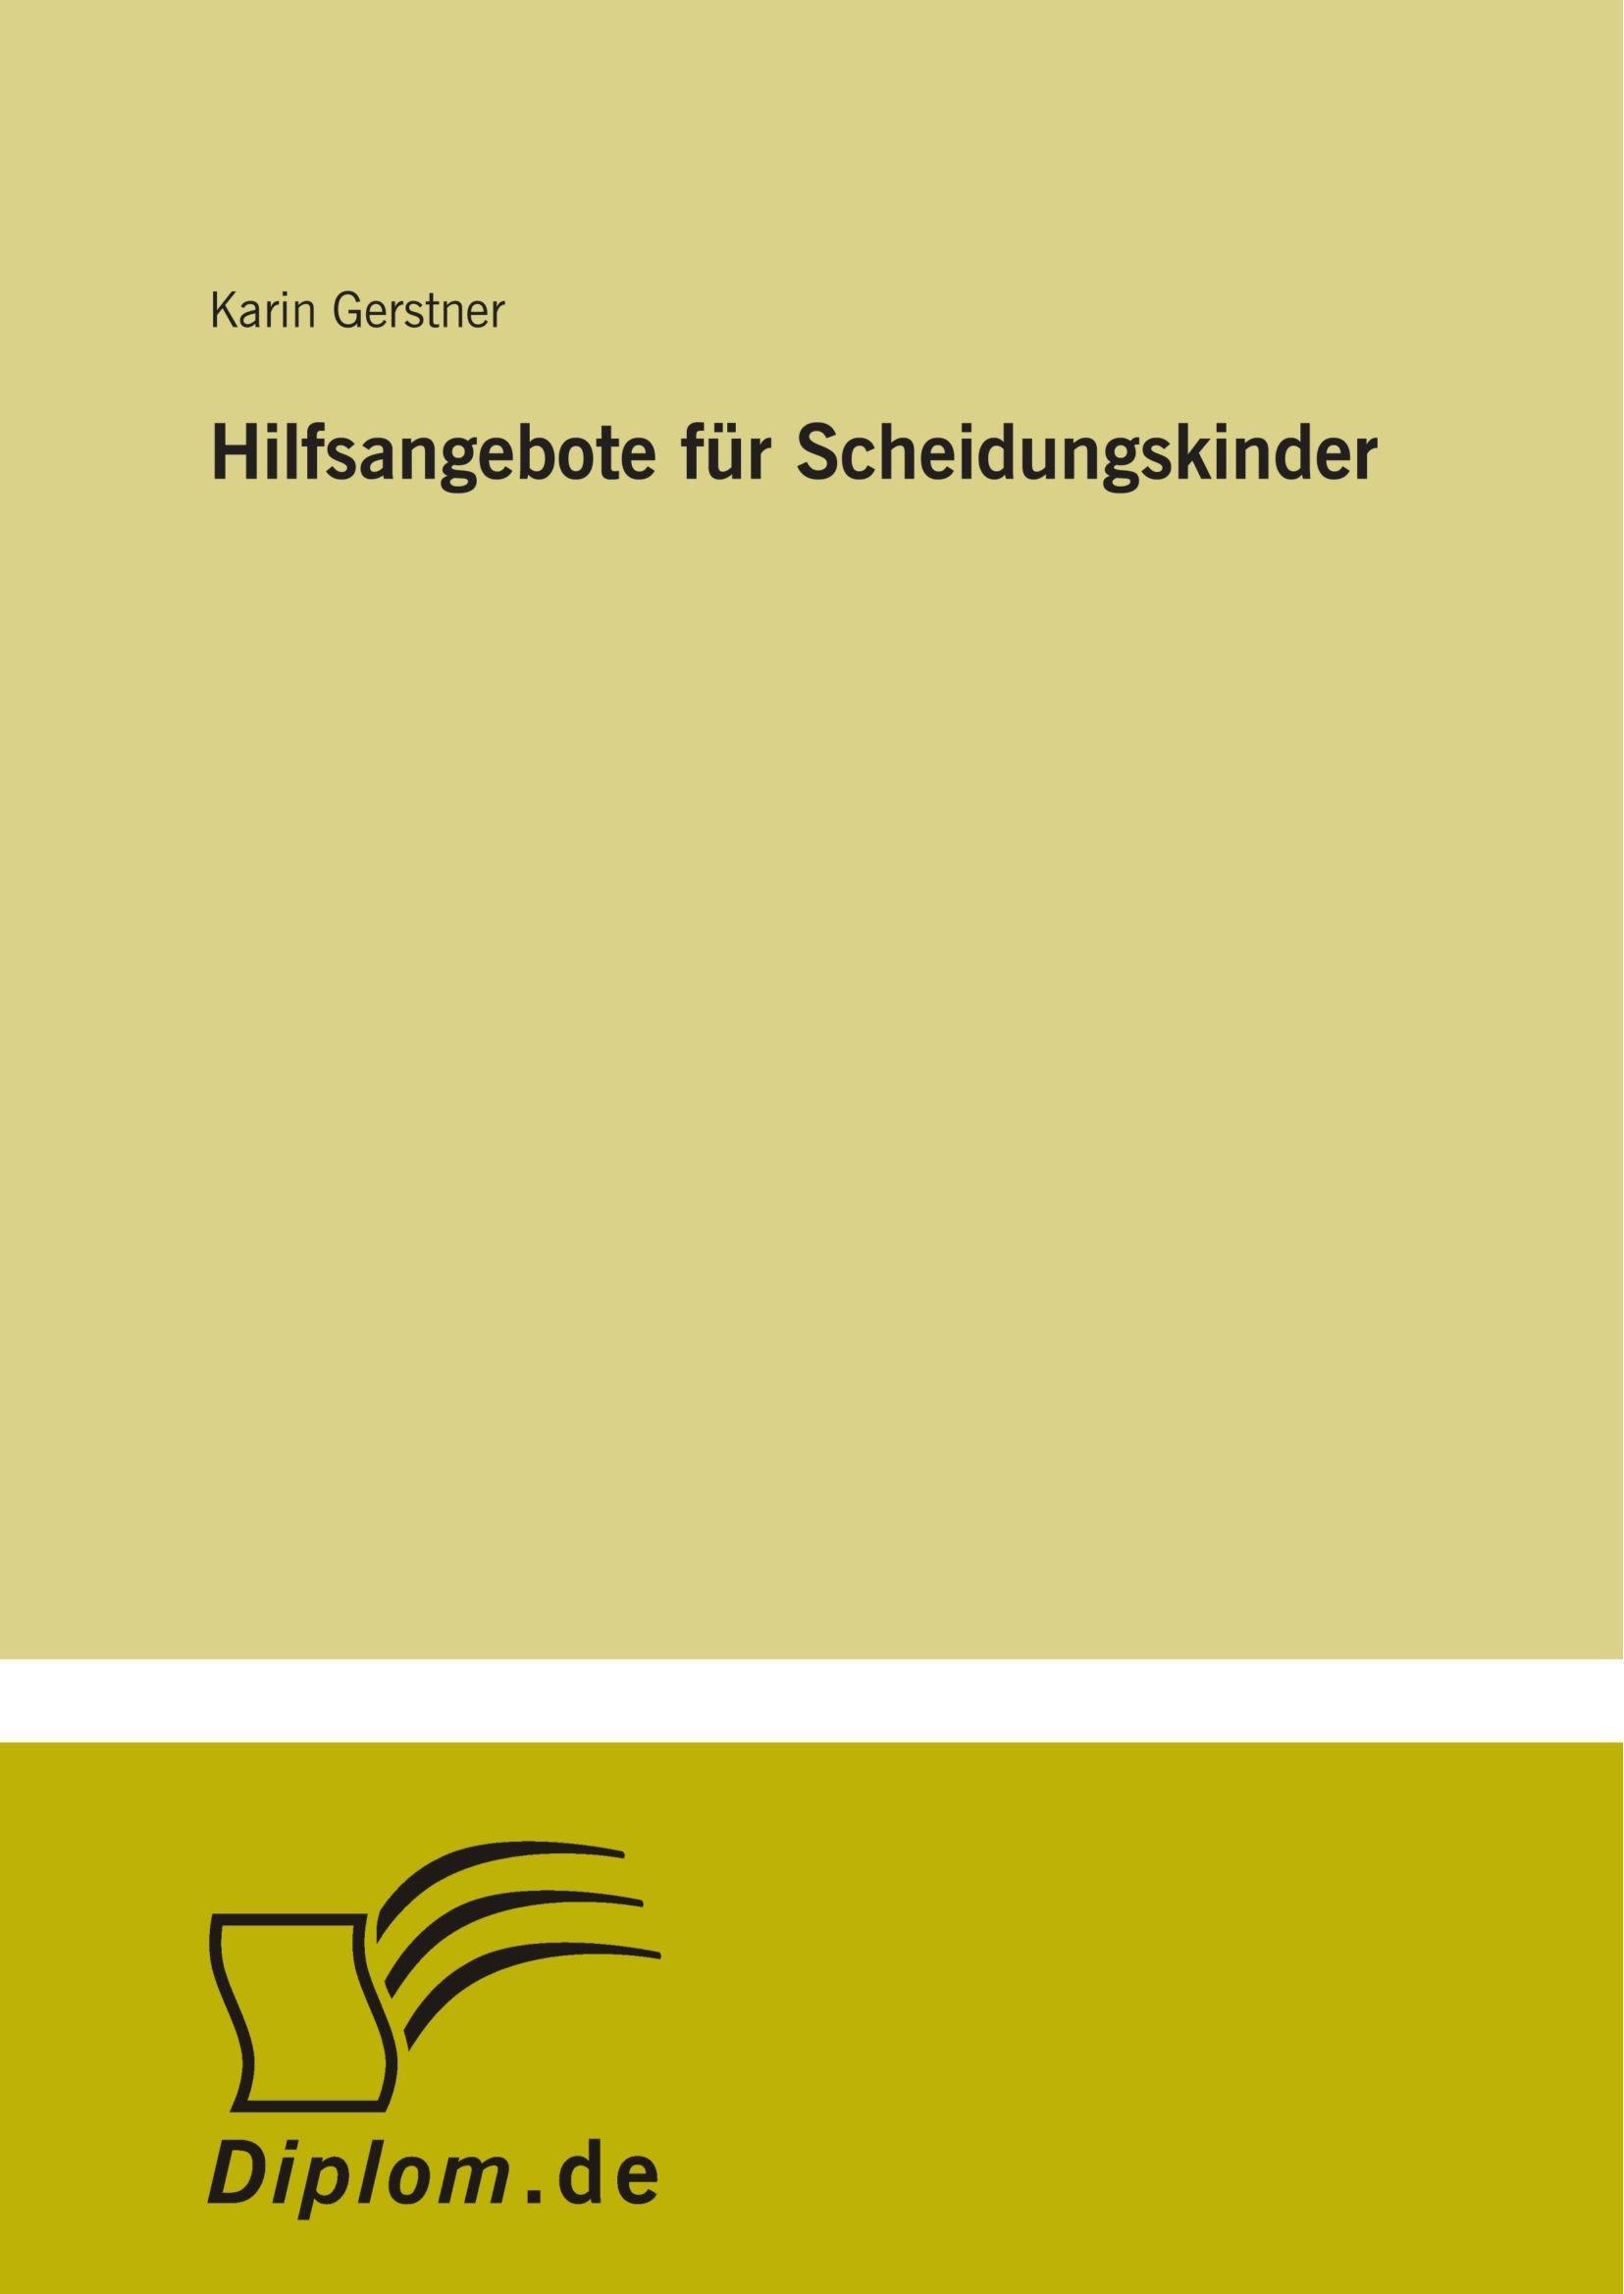 Download Hilfsangebote für Scheidungskinder (German Edition) pdf epub